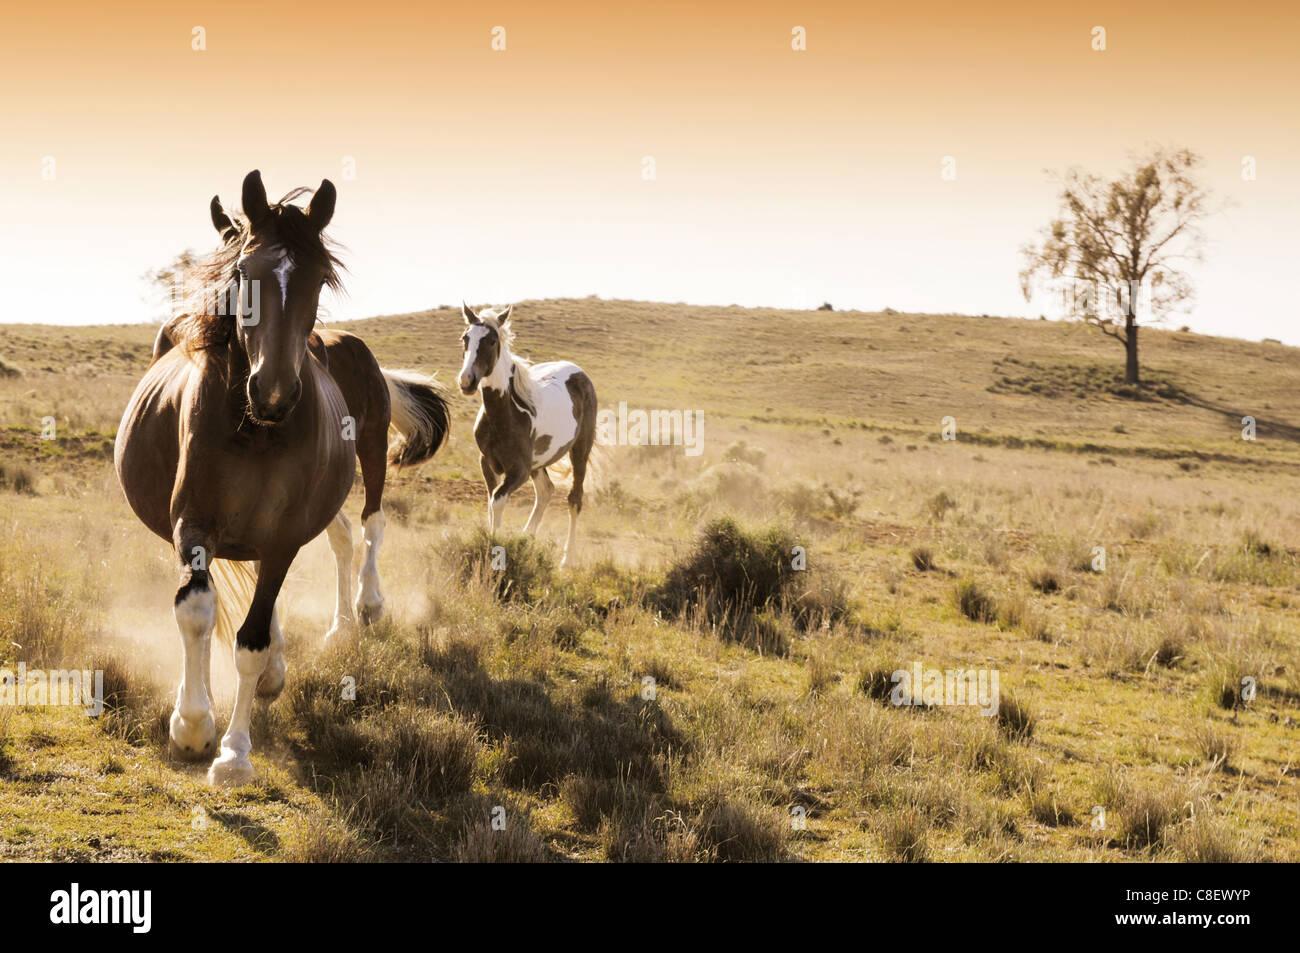 Chevaux stock sur une station de bovins australiens au lever du soleil Photo Stock